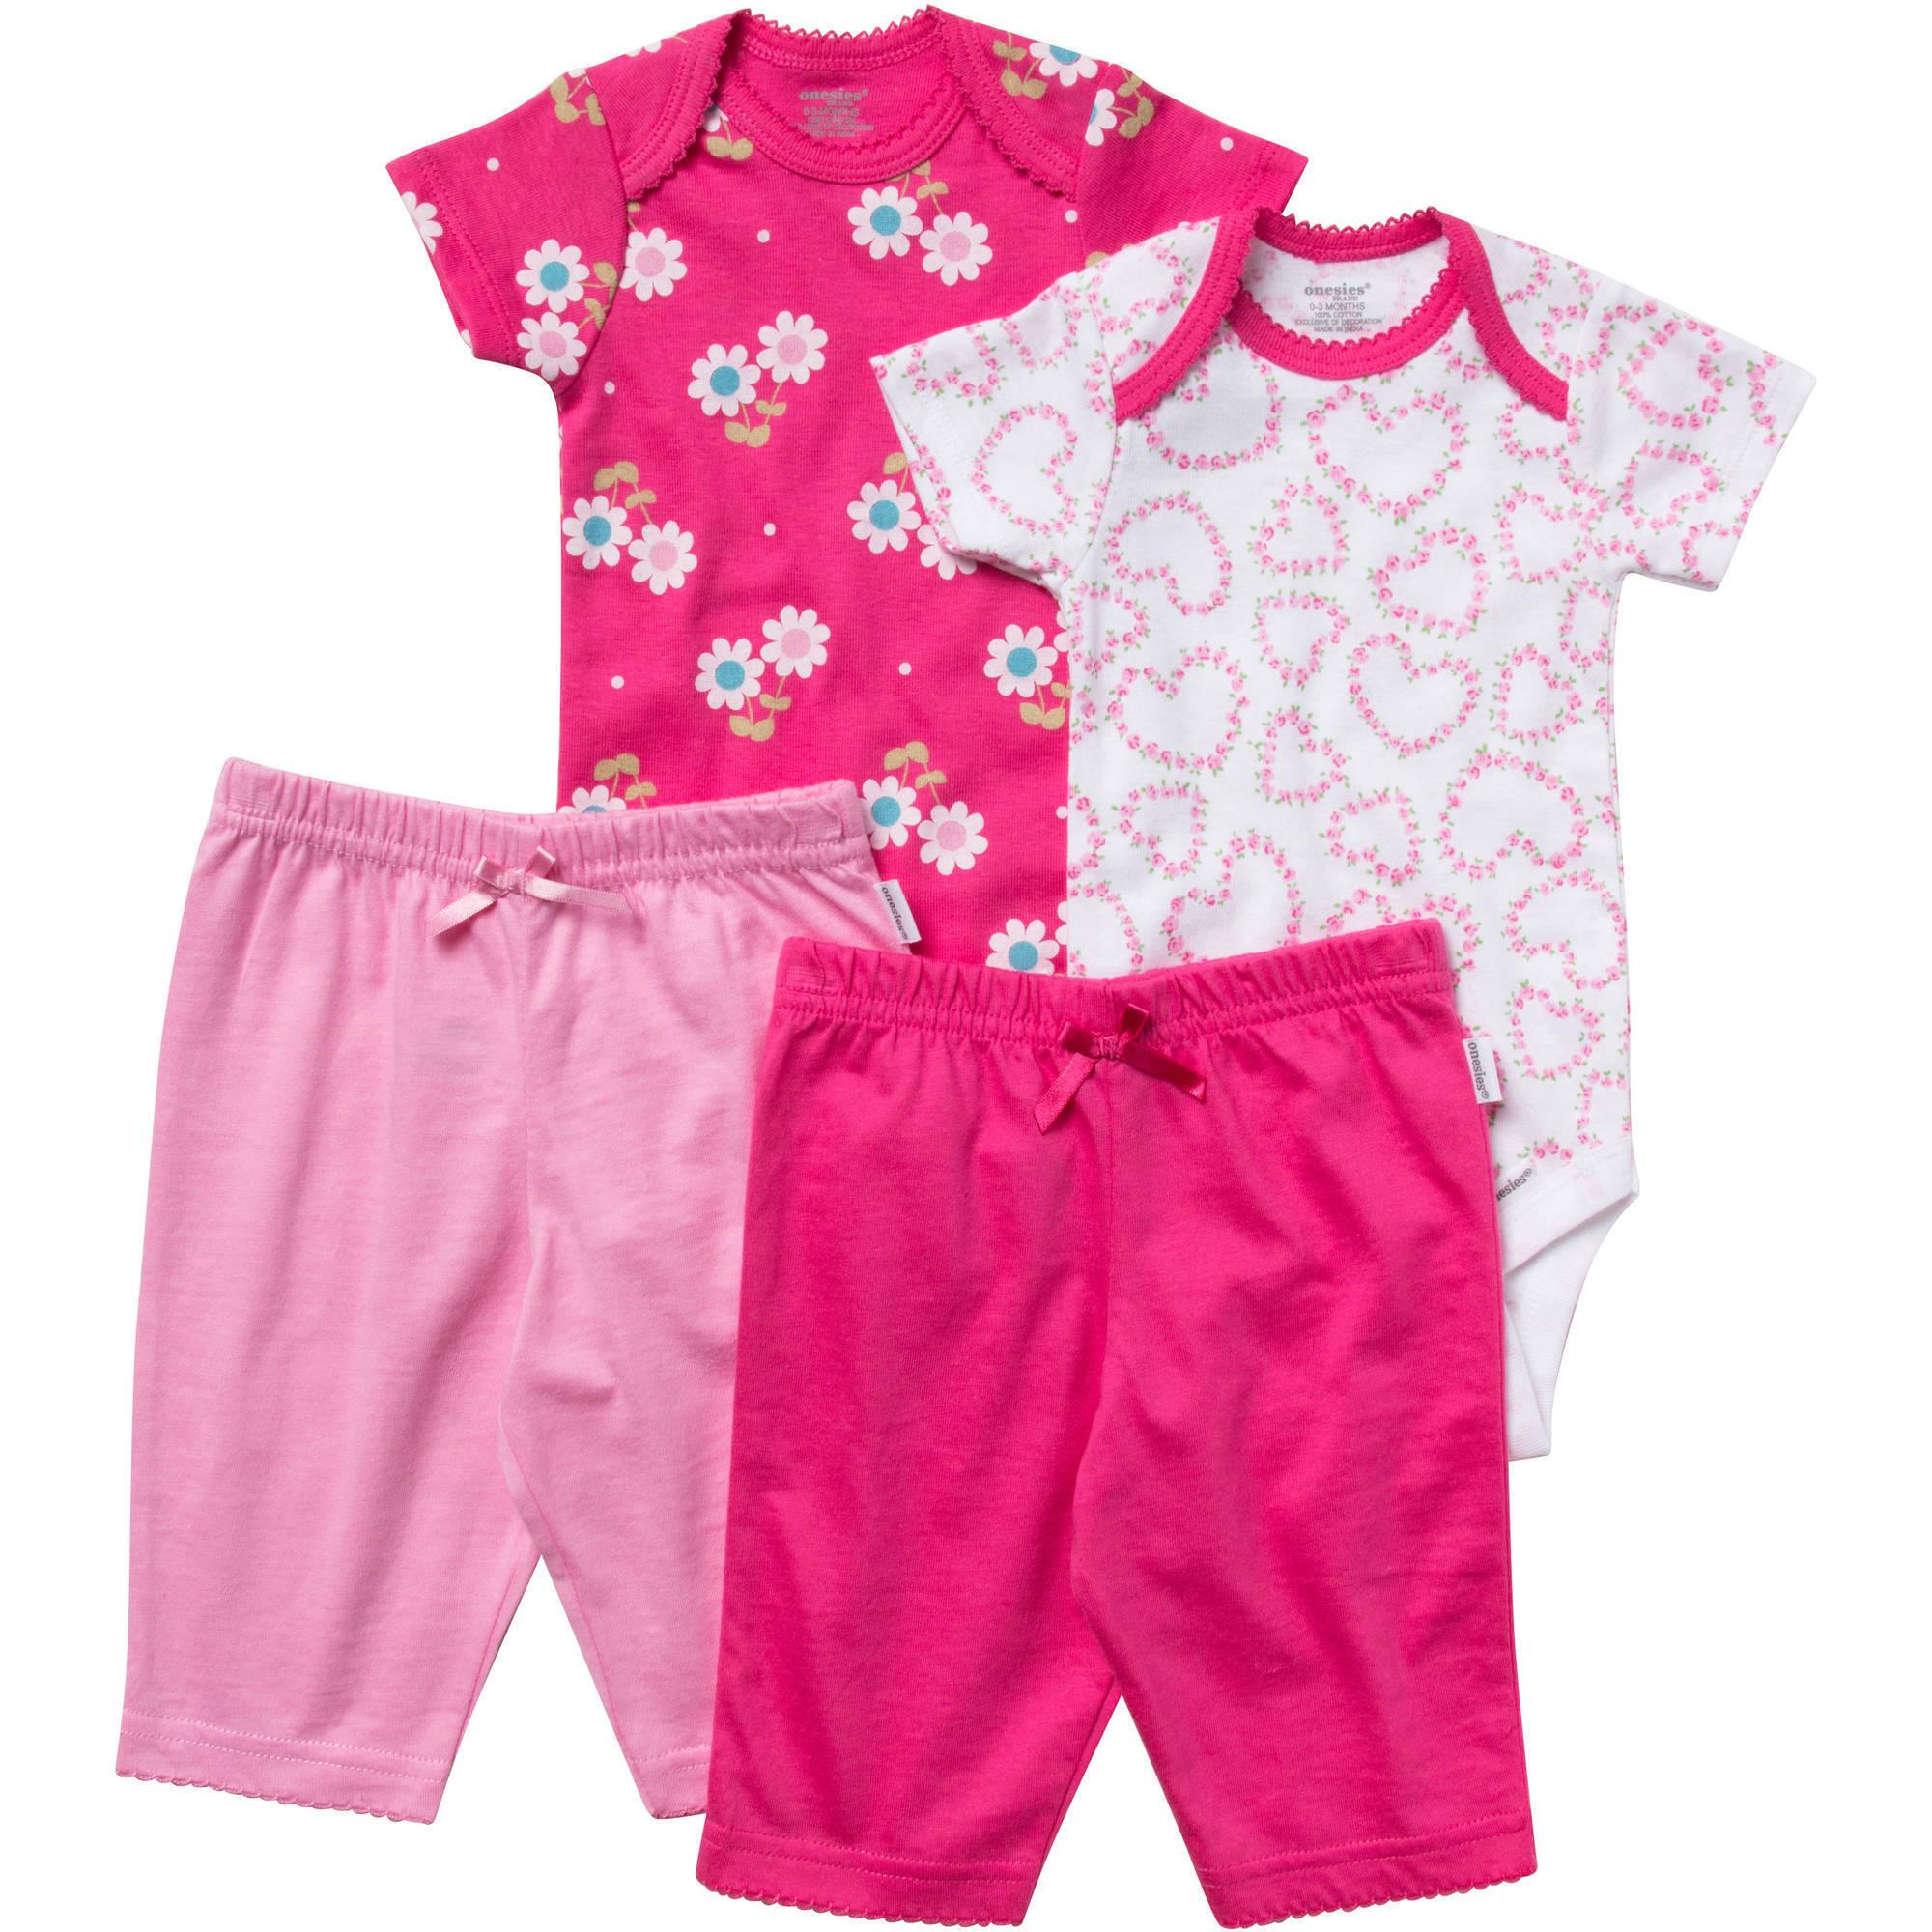 Onesies Brand Newborn Baby Girl Layette Set, 4 Pc